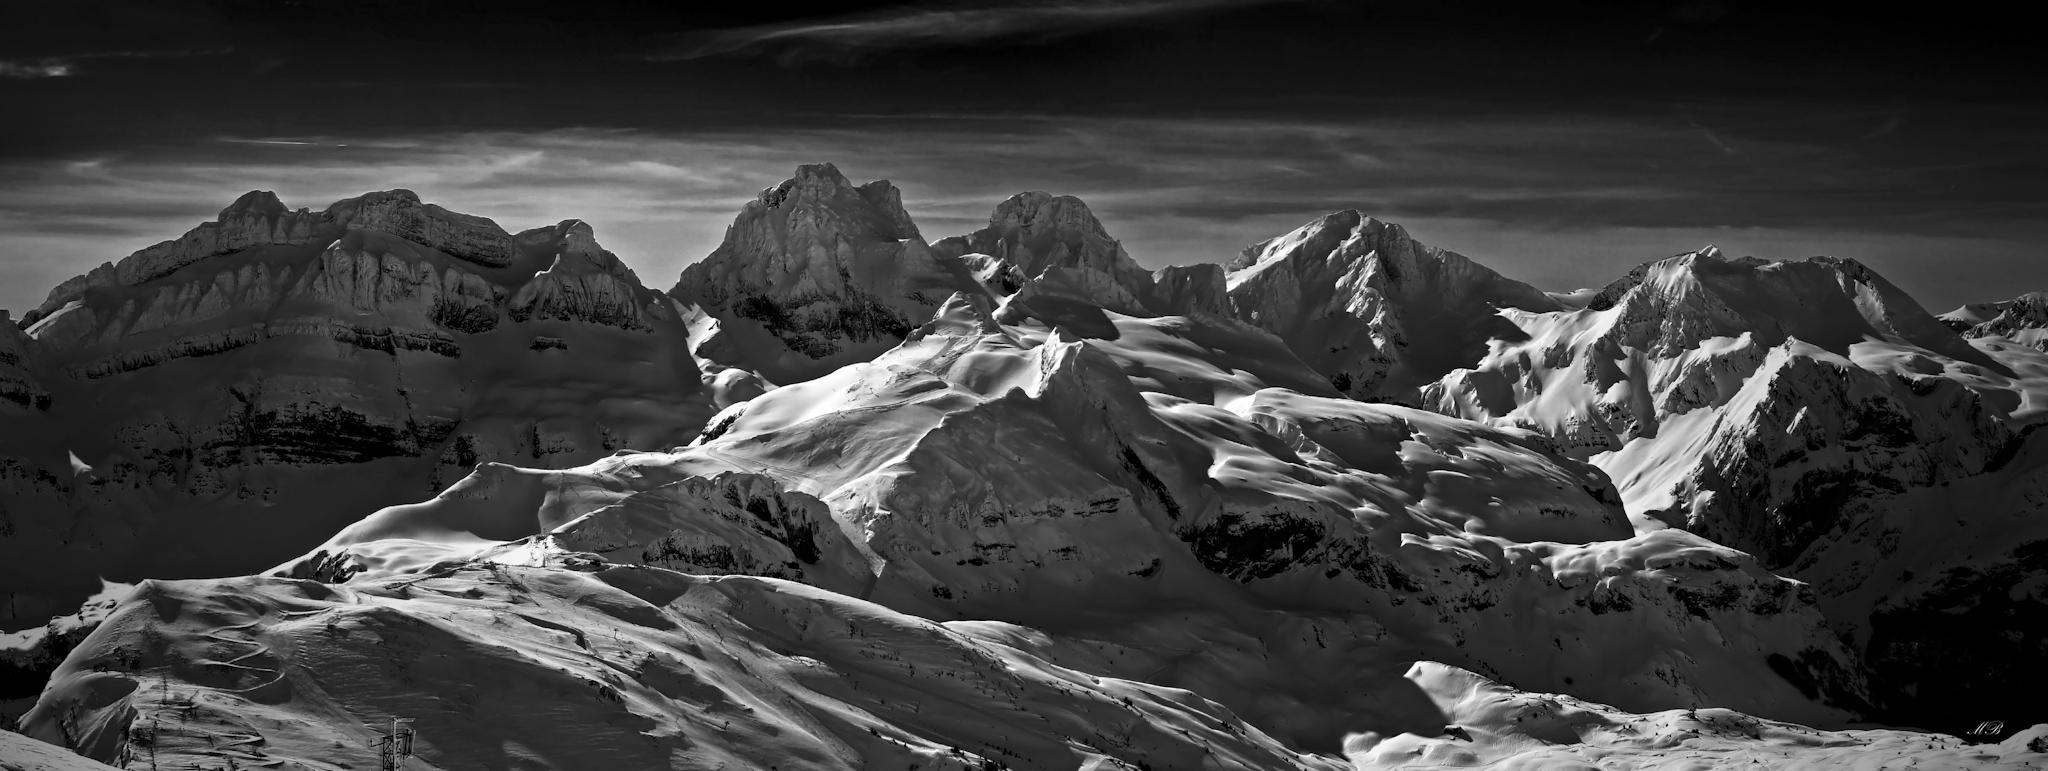 Panorámica de Candanchú blanco y negro - Paisajes del valle - Fotos del Valle del Aragón, Mikel Besga